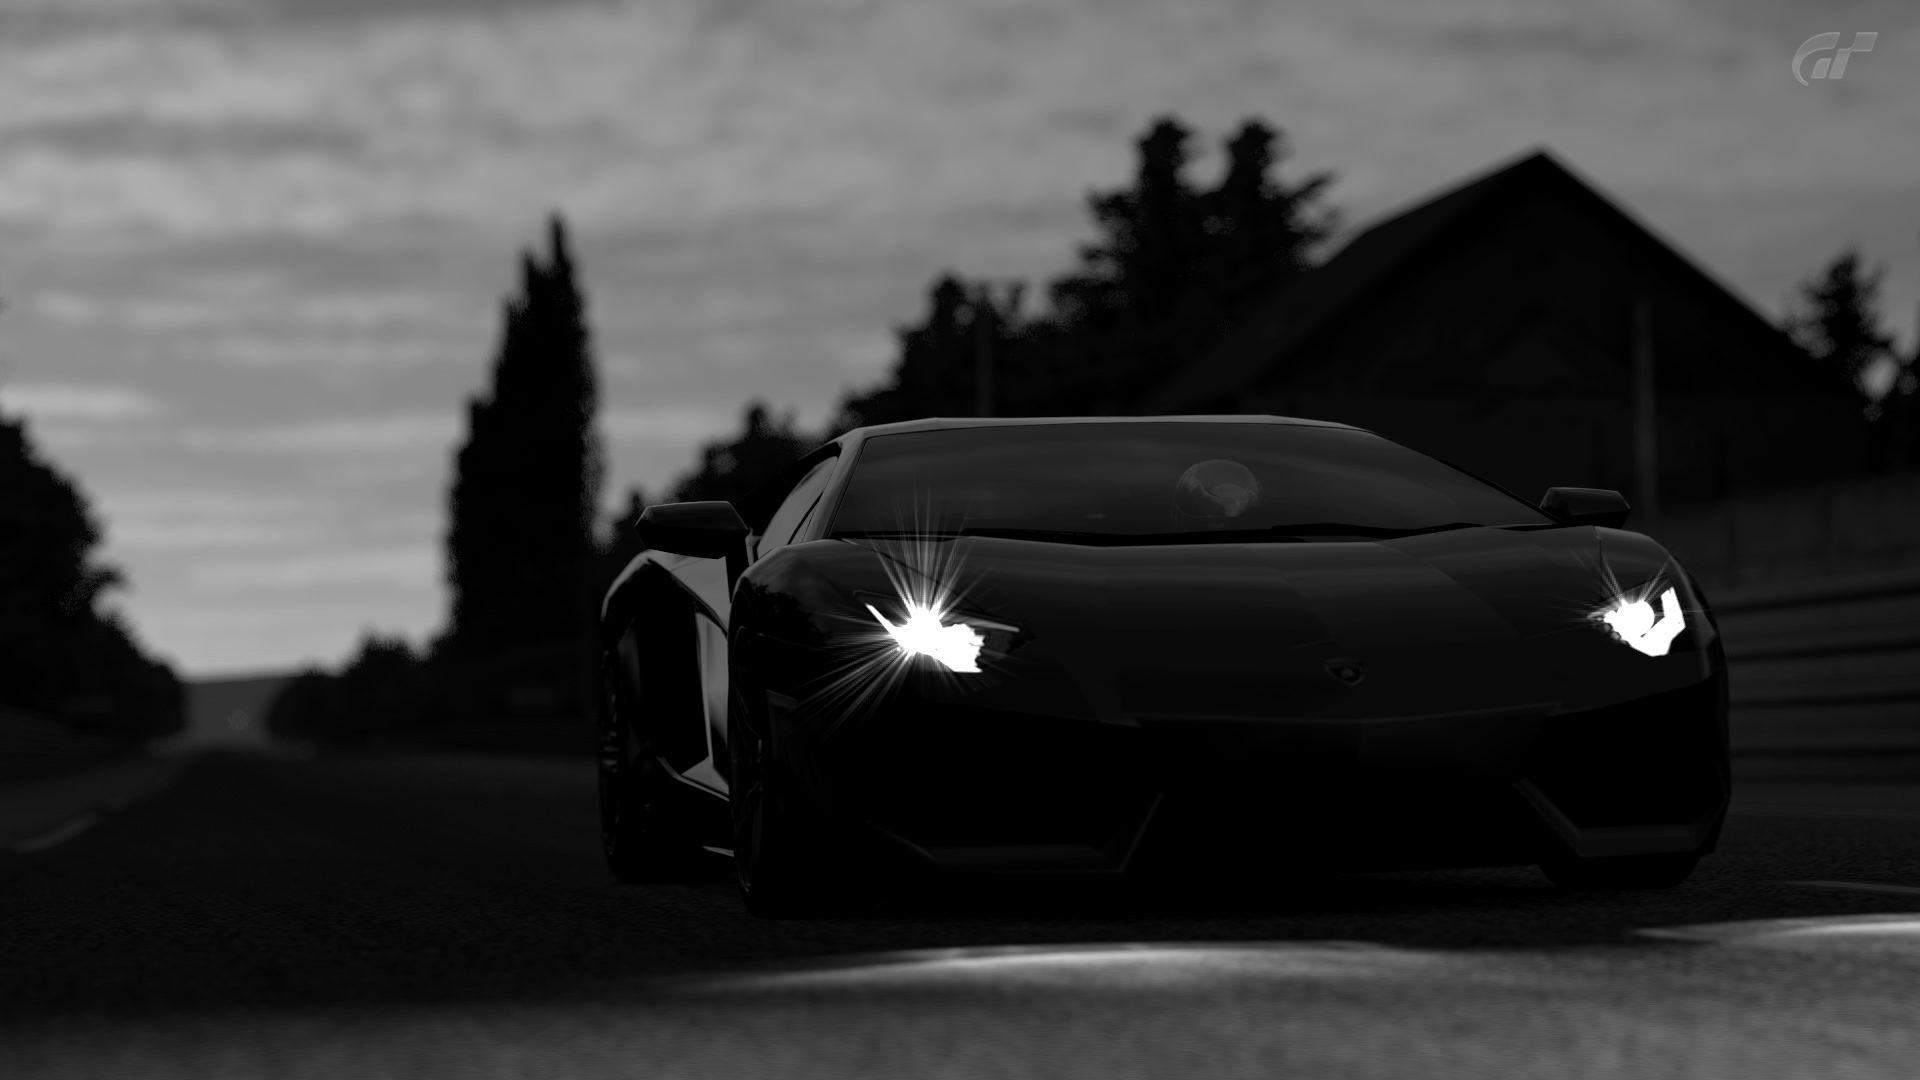 937582 Top Lamborghini Cars Wallpaper 1920x1080